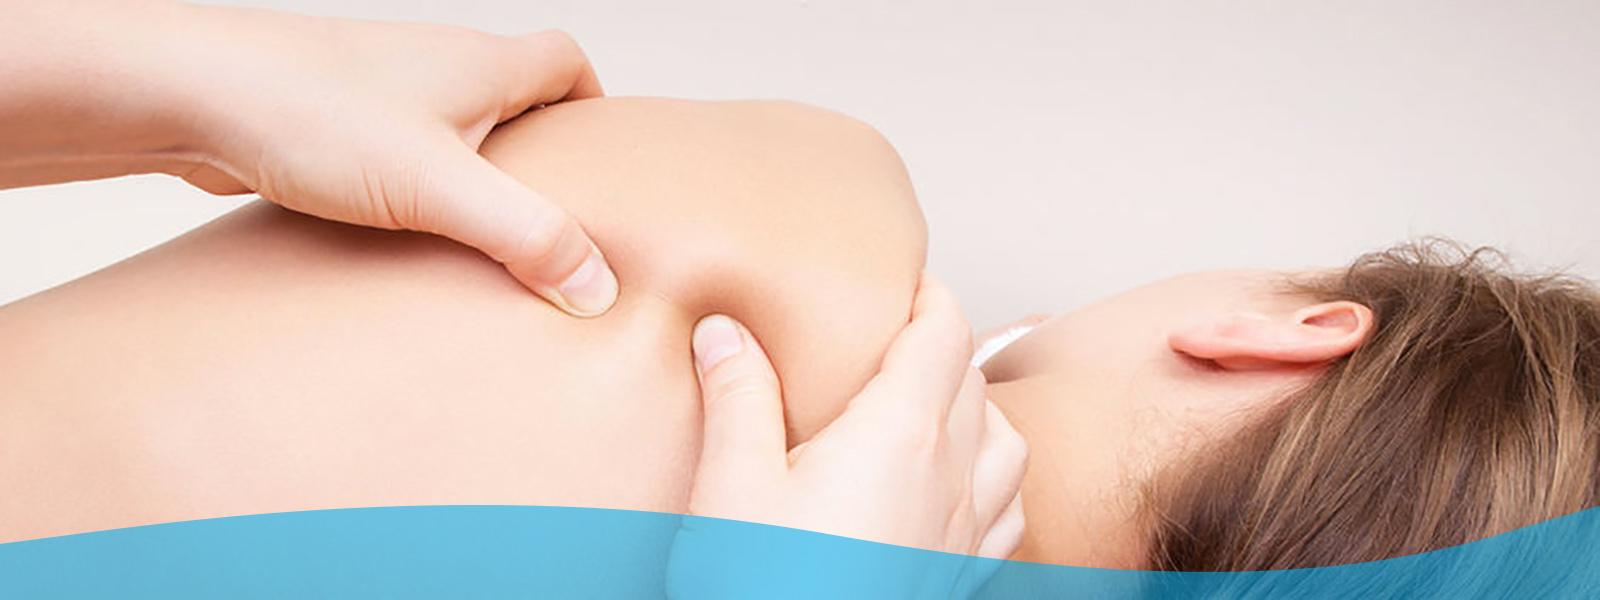 manuális terápia az artrózis kezelésében